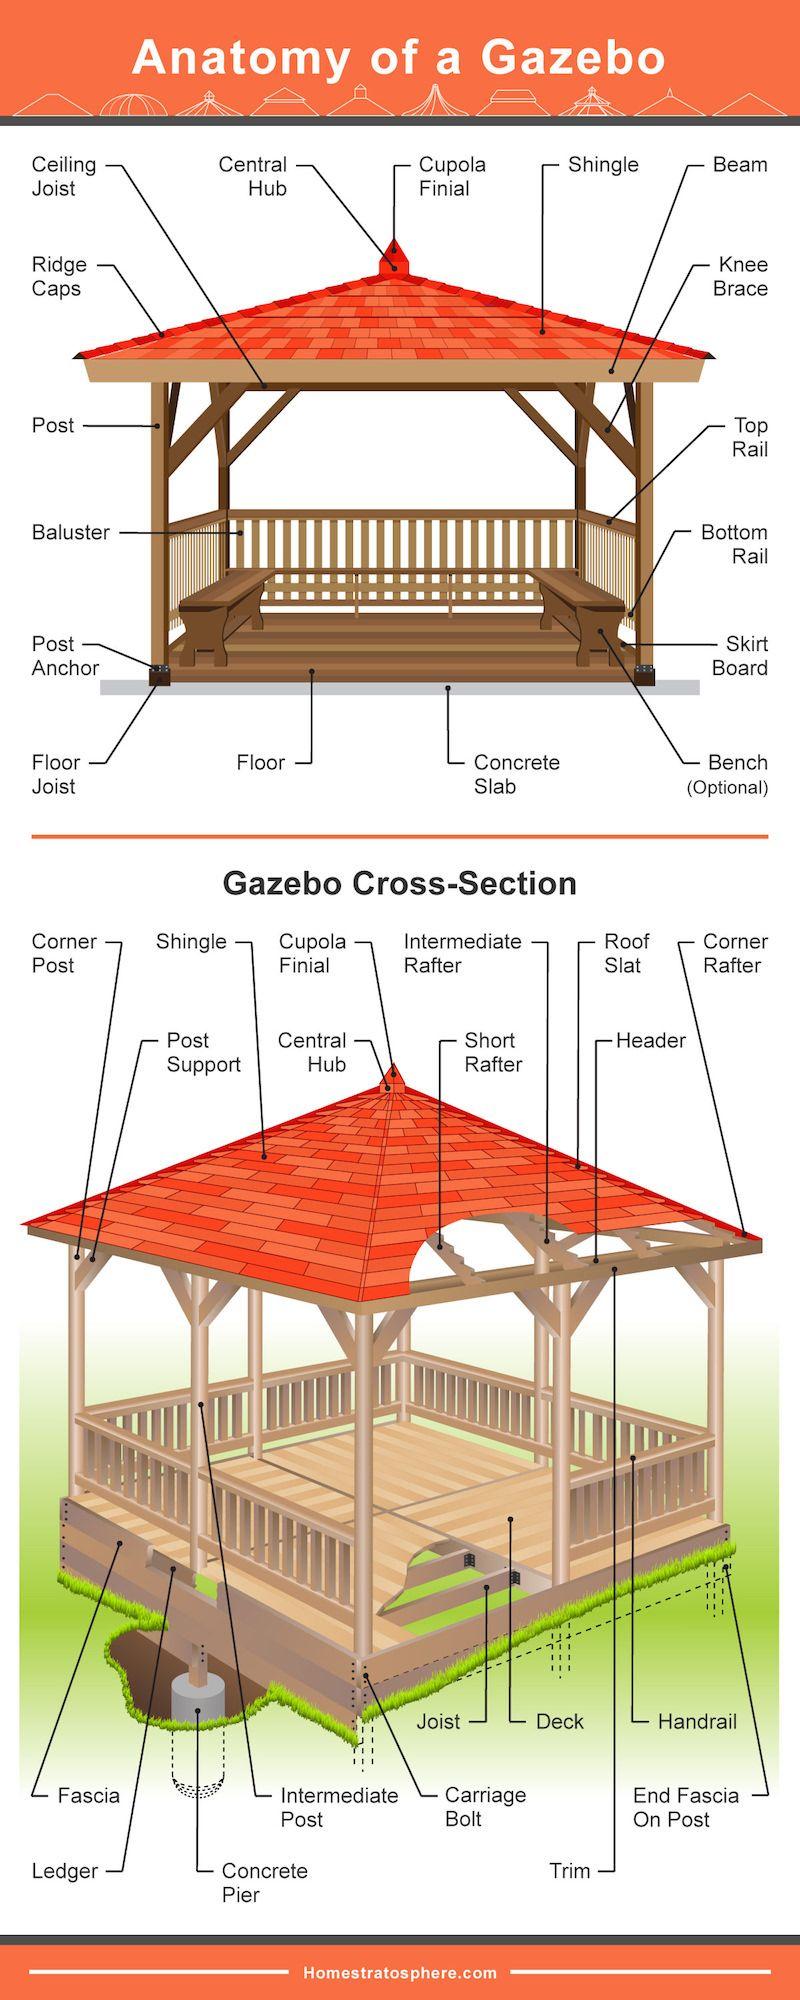 Square Gazebo Plans 10x10 Free Blueprints Octagonal Gazebo Plans Gazebo Garden Gazebo